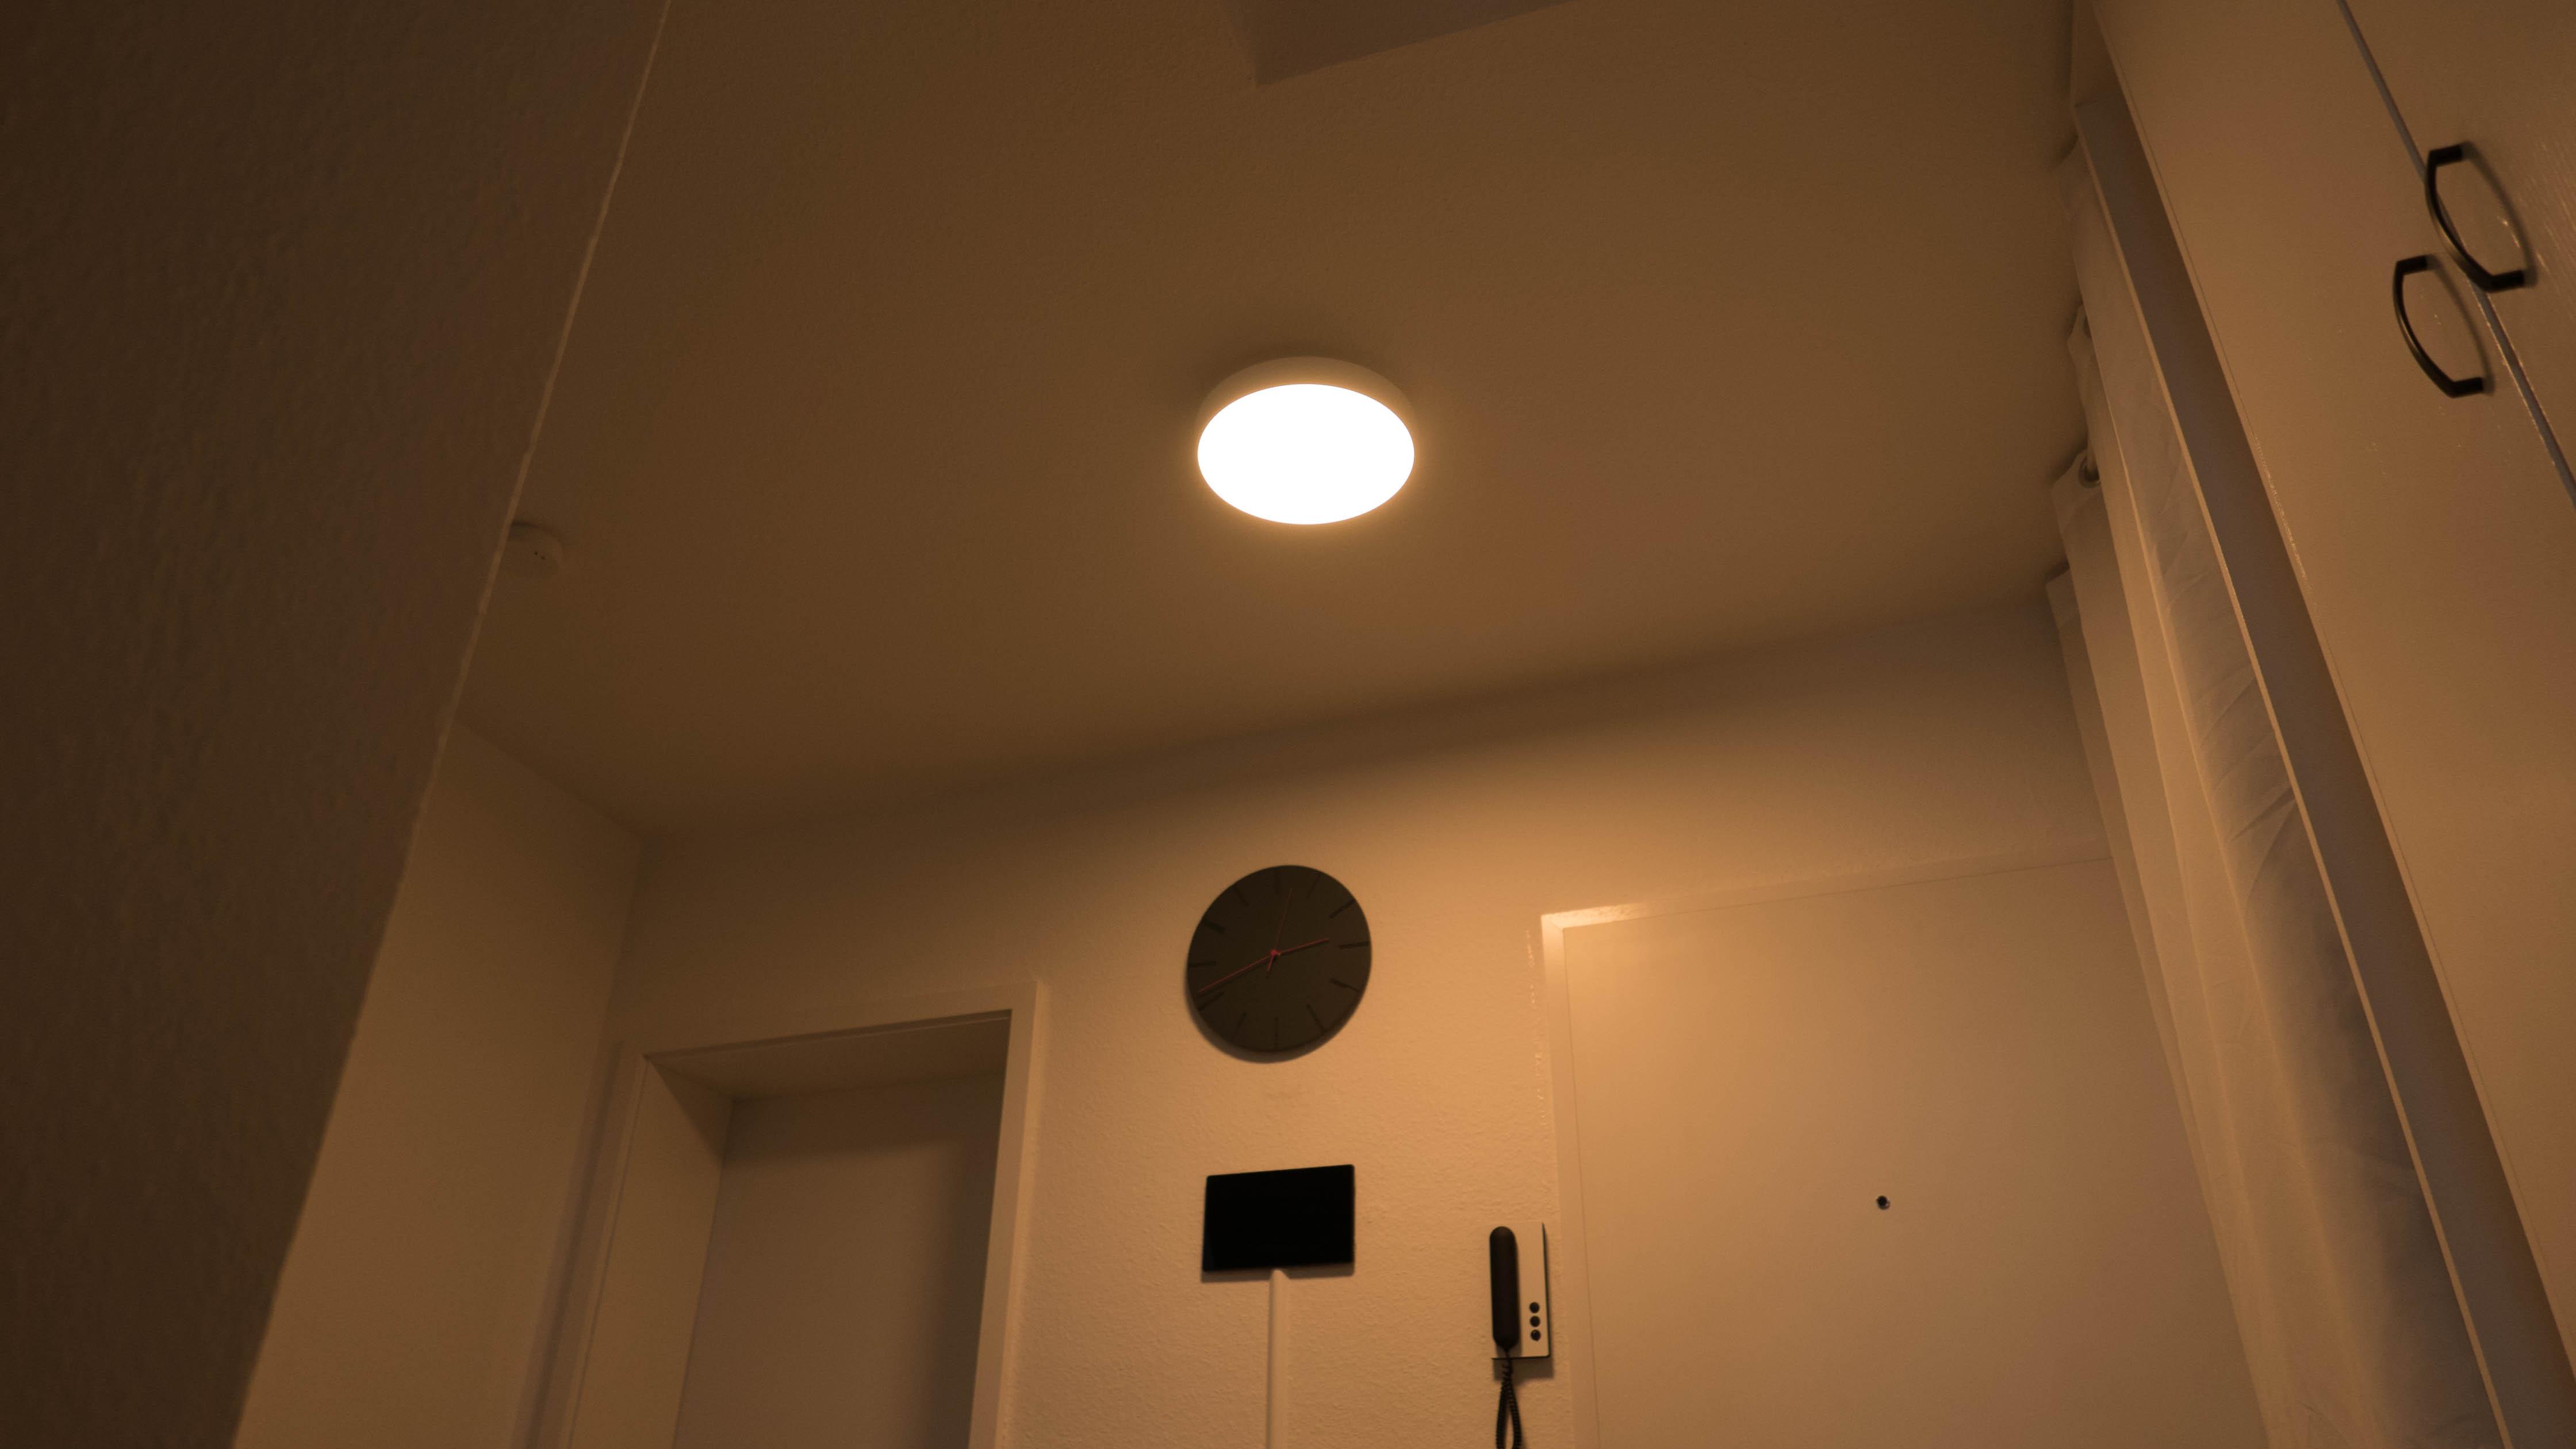 Die Xiaomi Yeelight LED Ceiling Light Deckenlampe im Test!